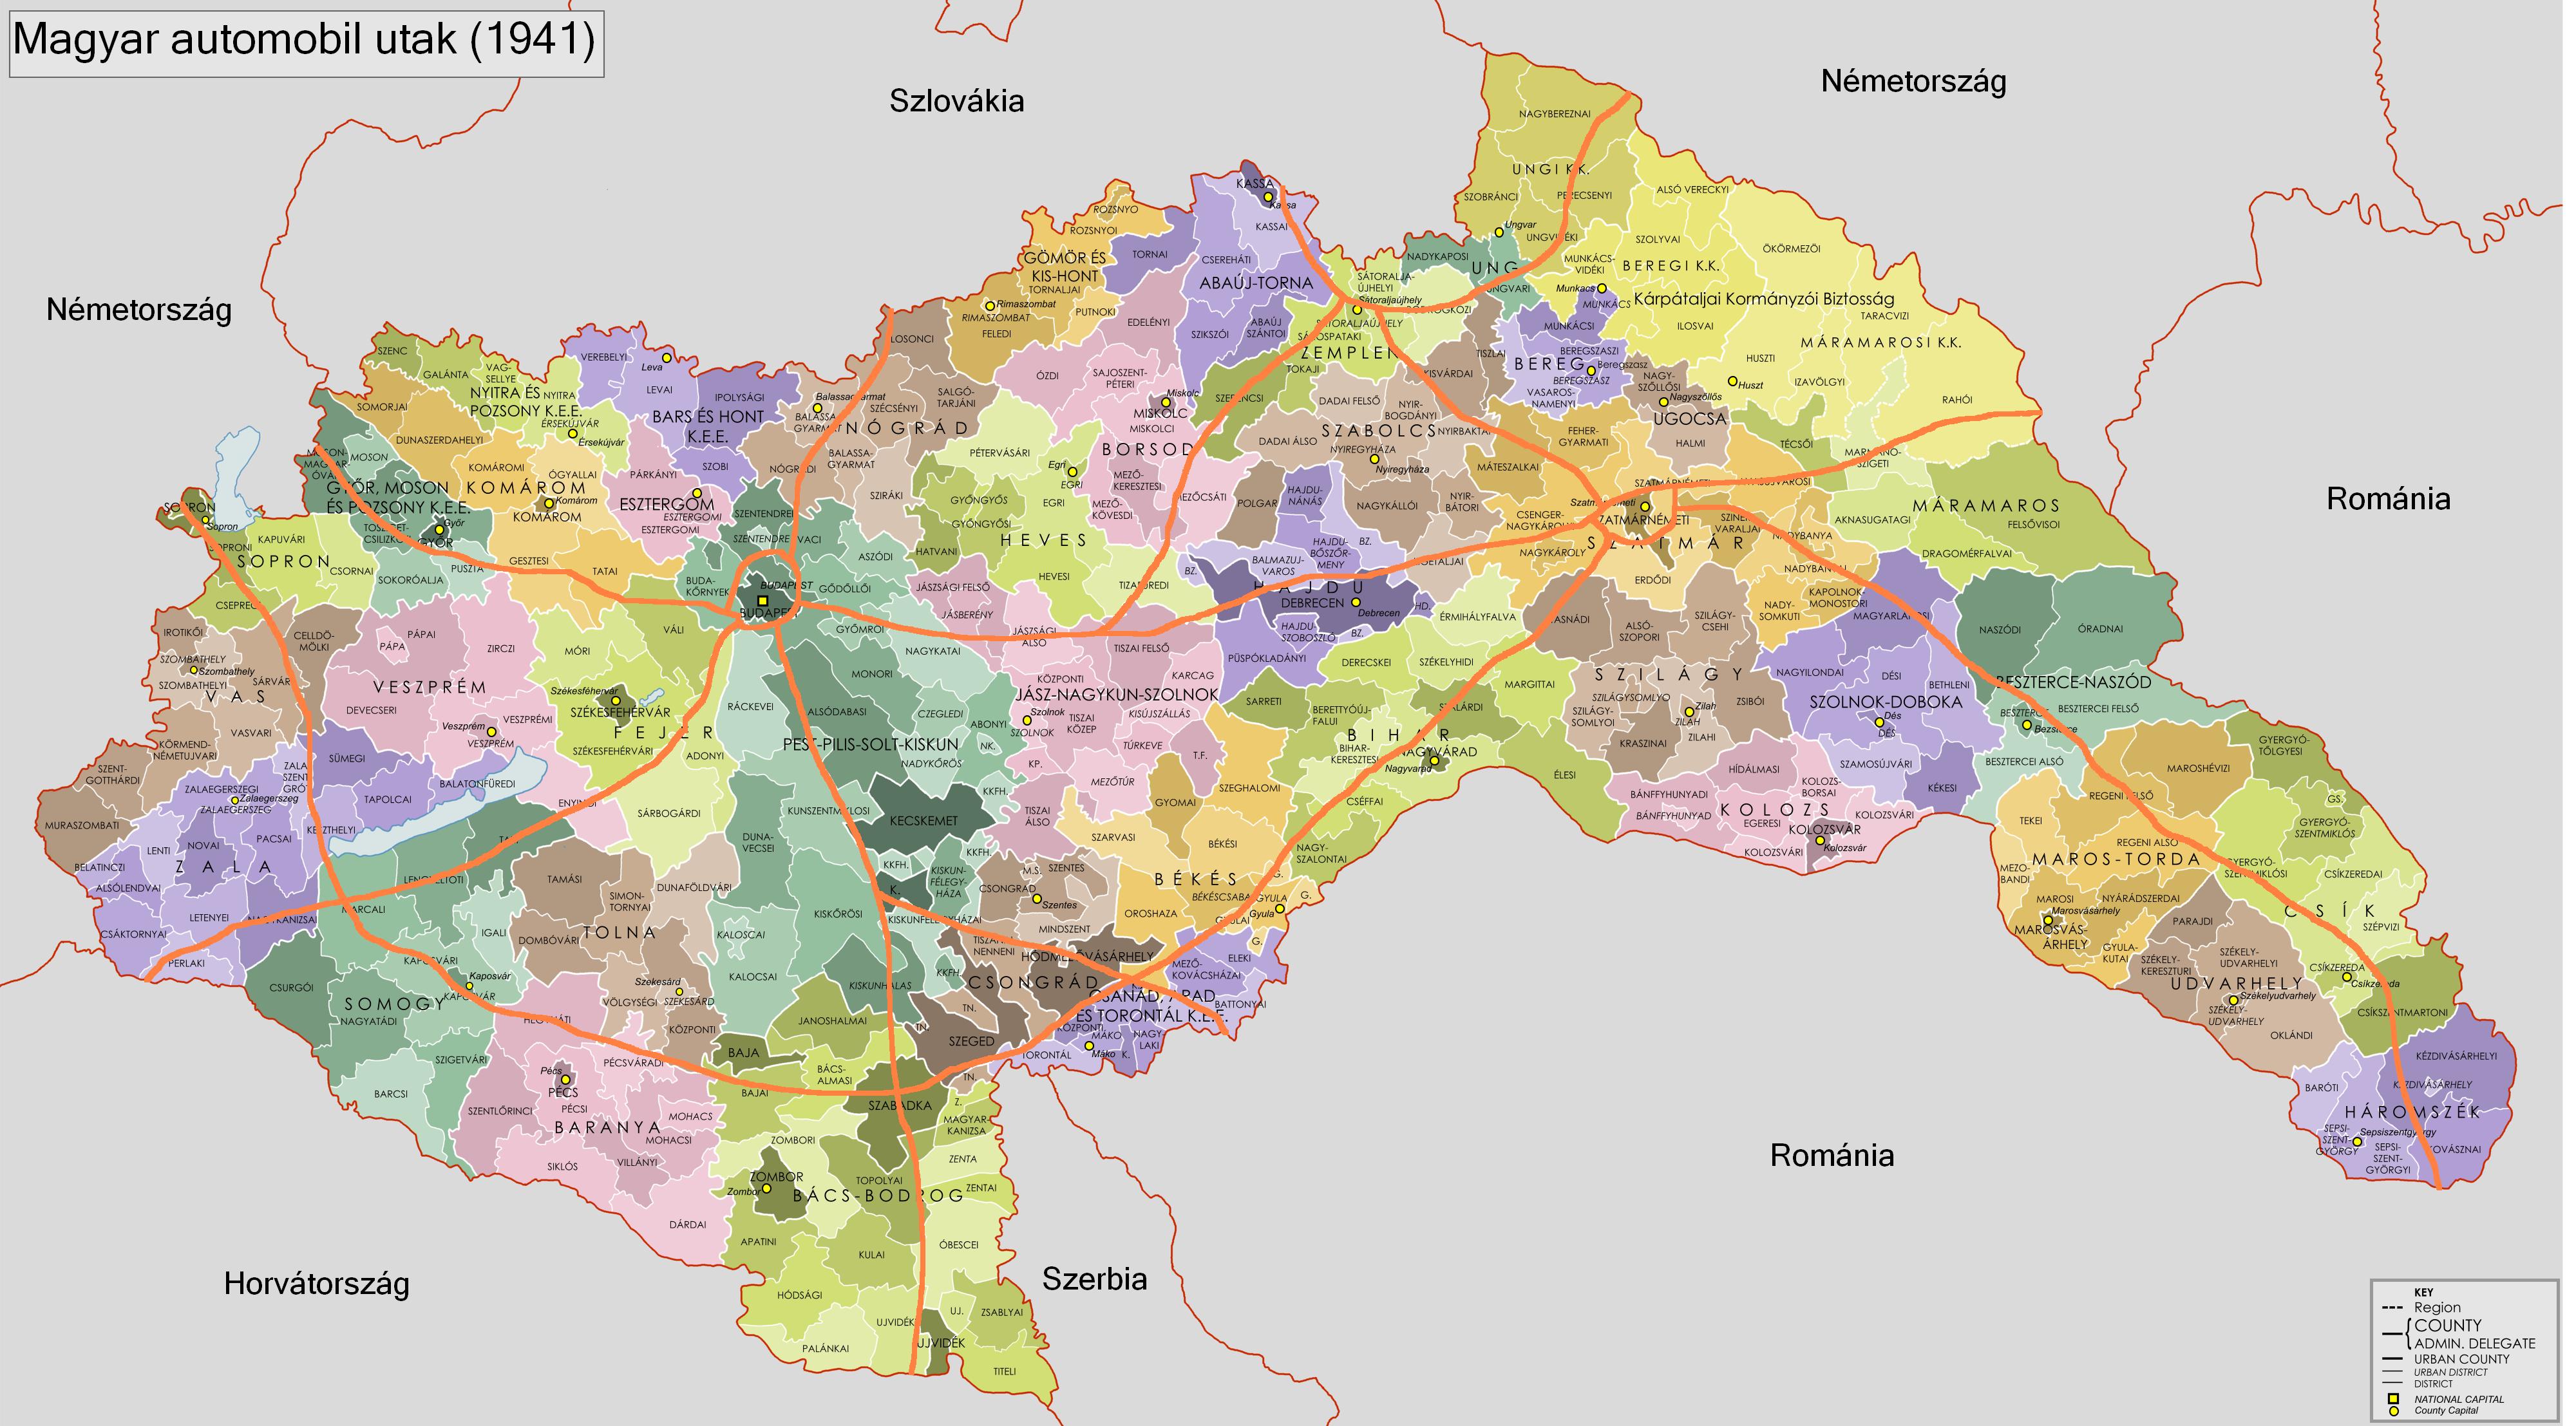 magyarország térkép m6 Magyarország autópályái – Wikipédia magyarország térkép m6